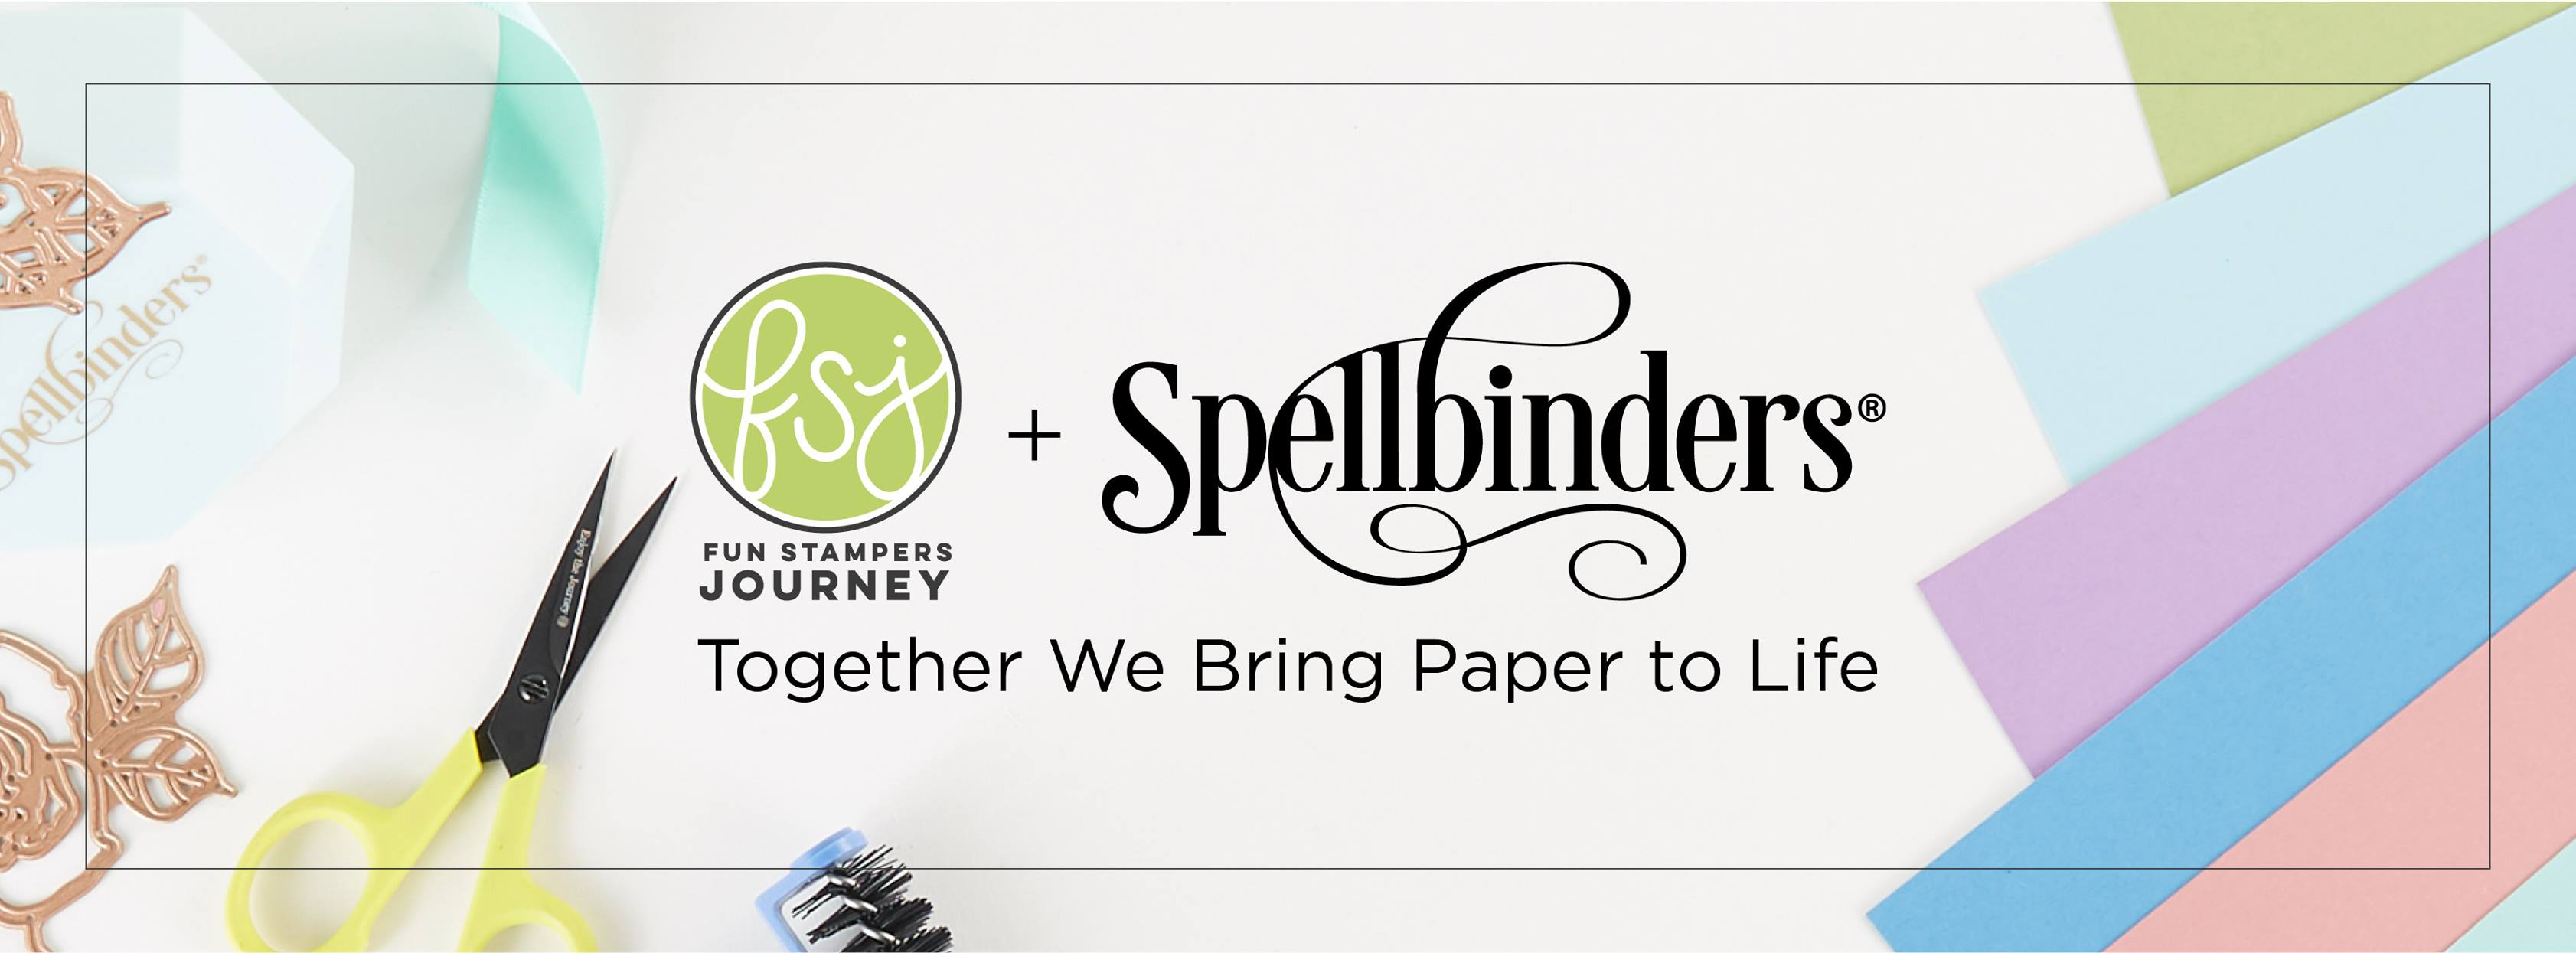 About Spellbinders Homepage